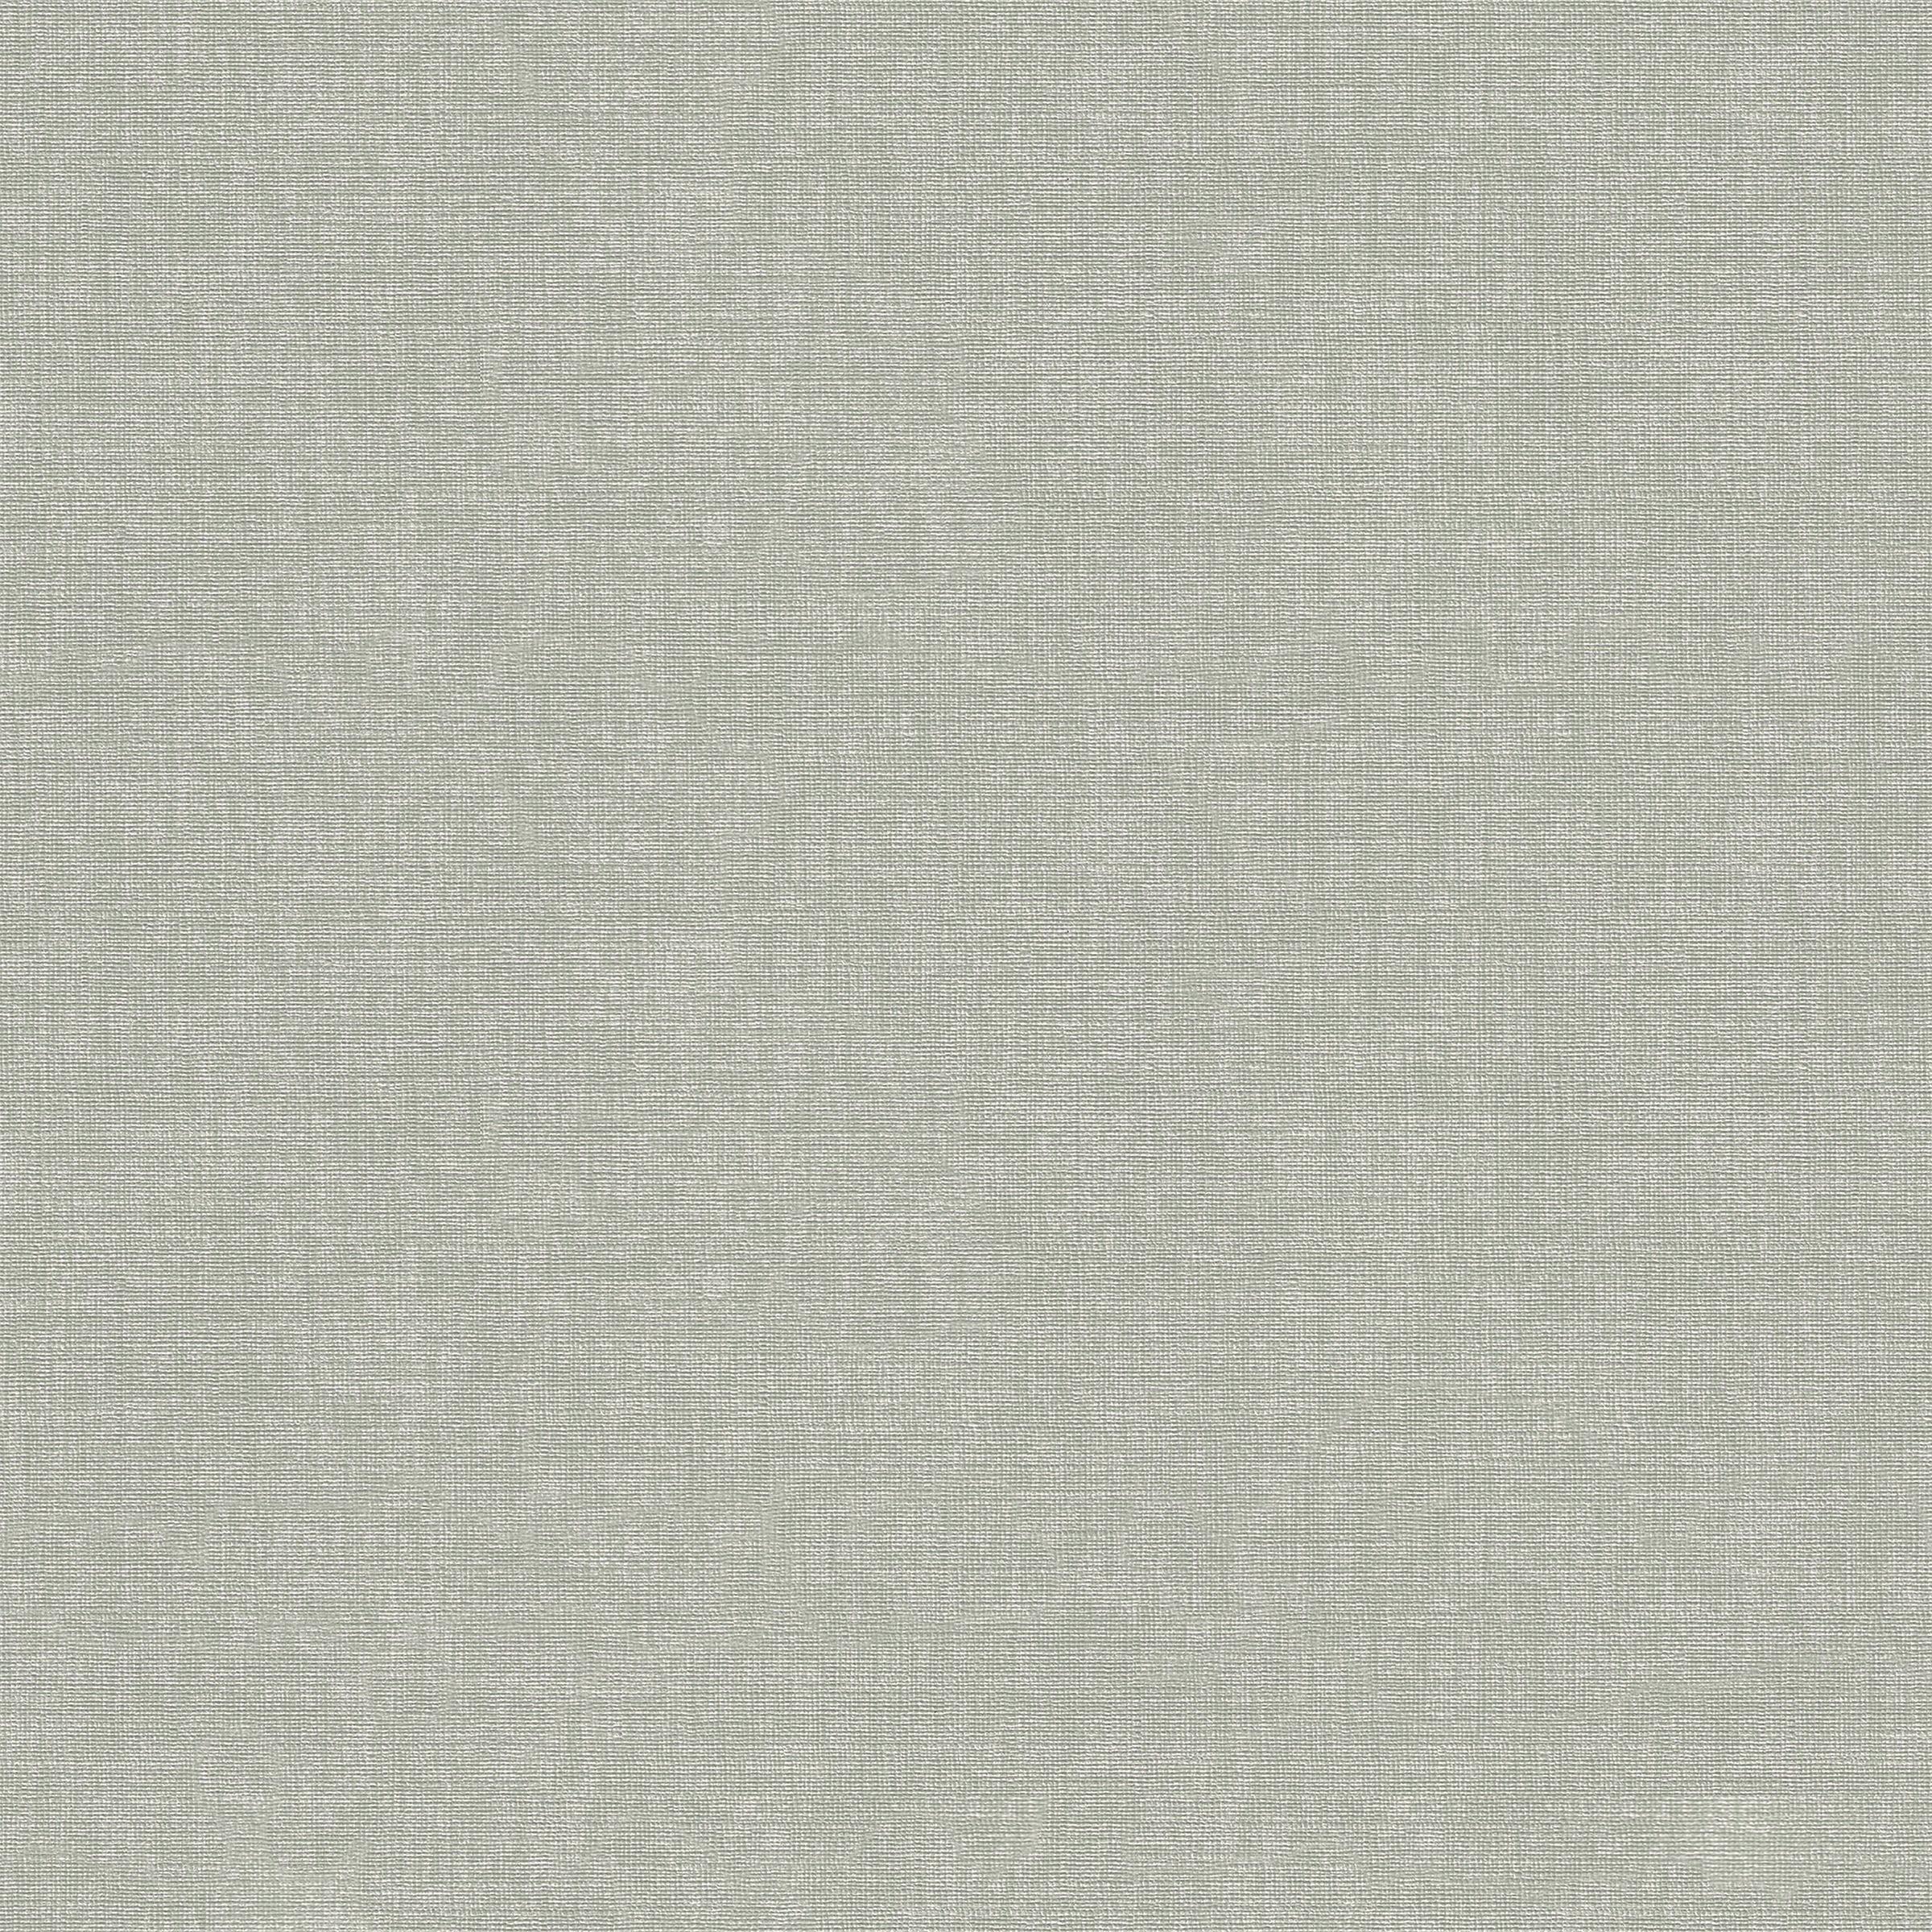 Vliesbehang Melle lichtgroen 105957